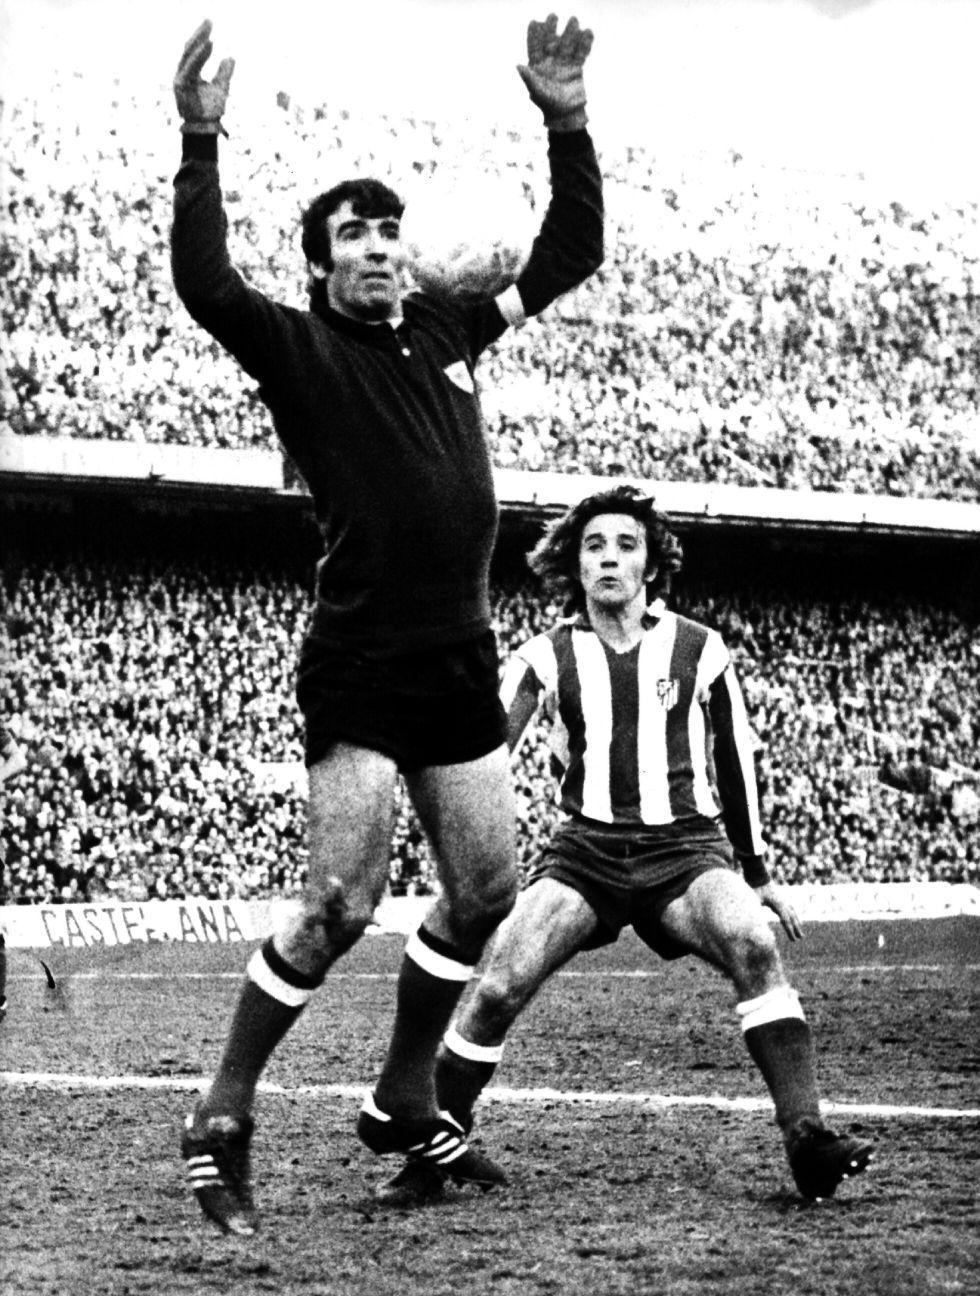 Conexión vintage - Fútbol: At. Madrid-Ath. Bilbao 1967